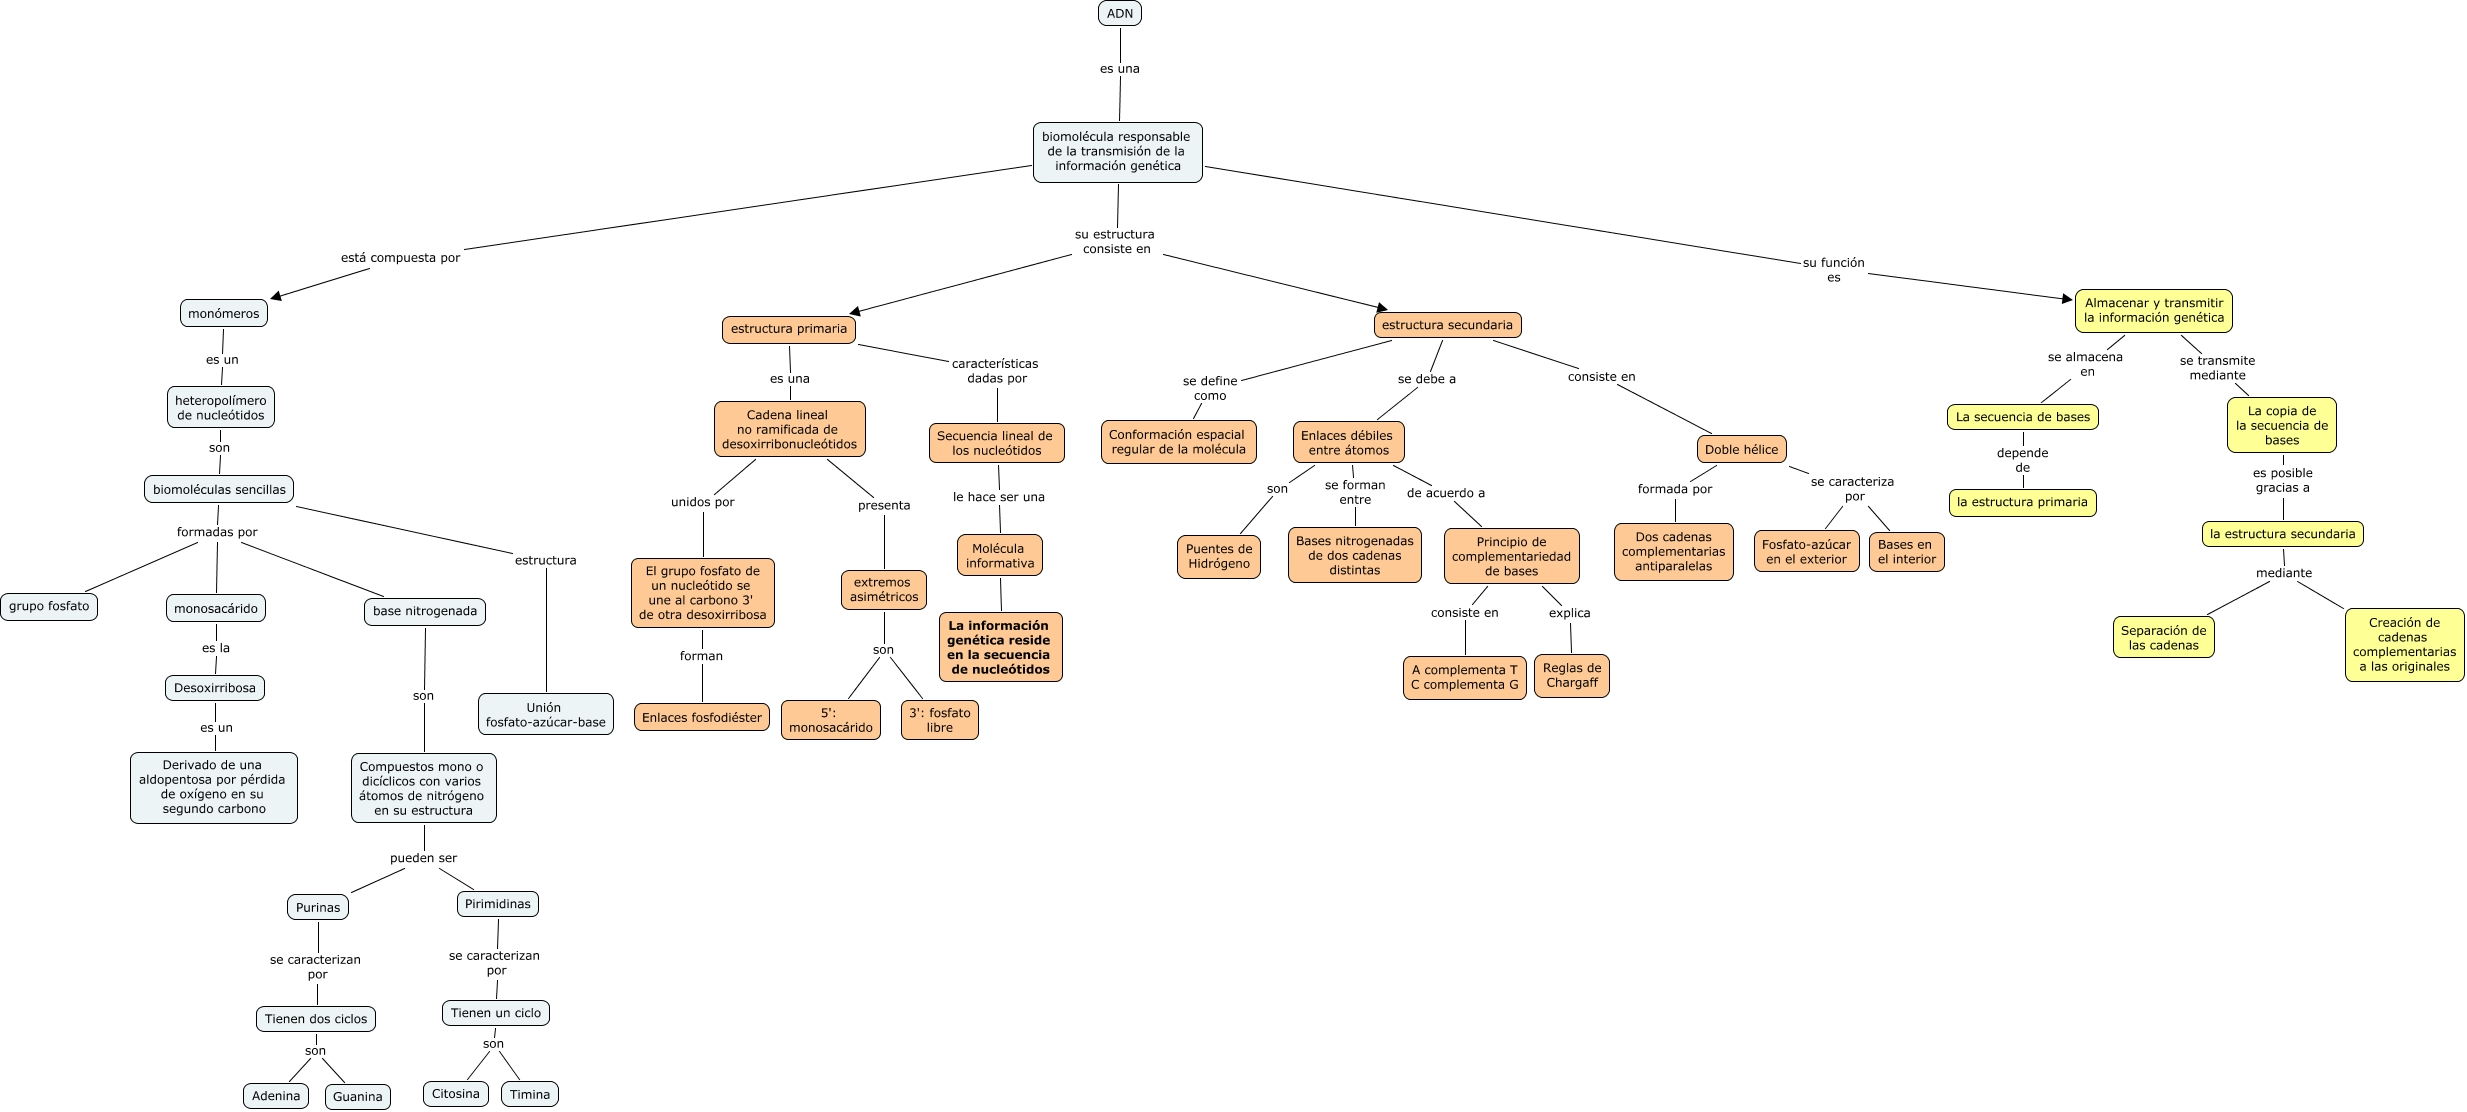 Adn El Dna Adn Composición Química Y Estructura